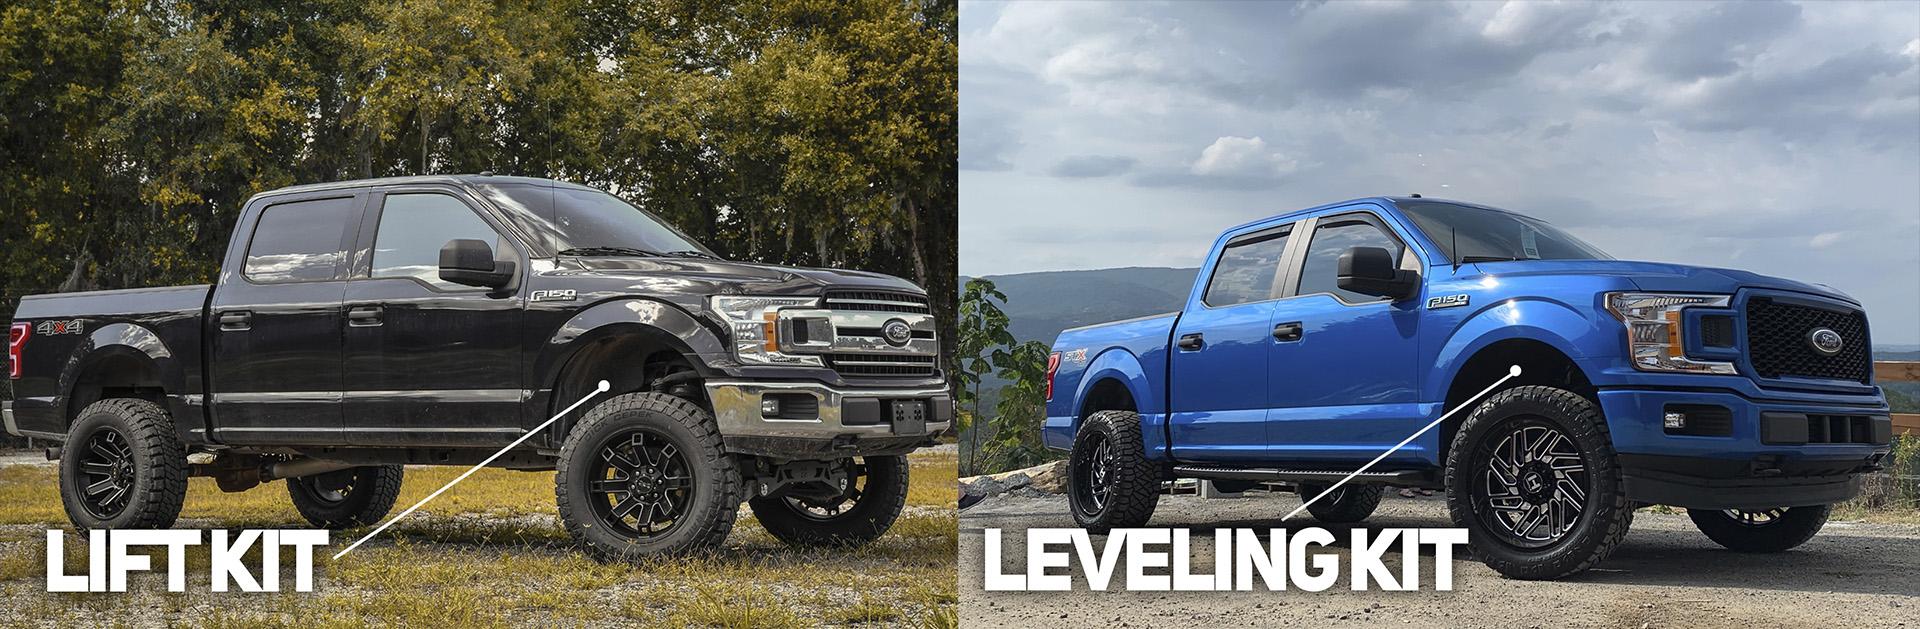 Lift vs Leveling Kit